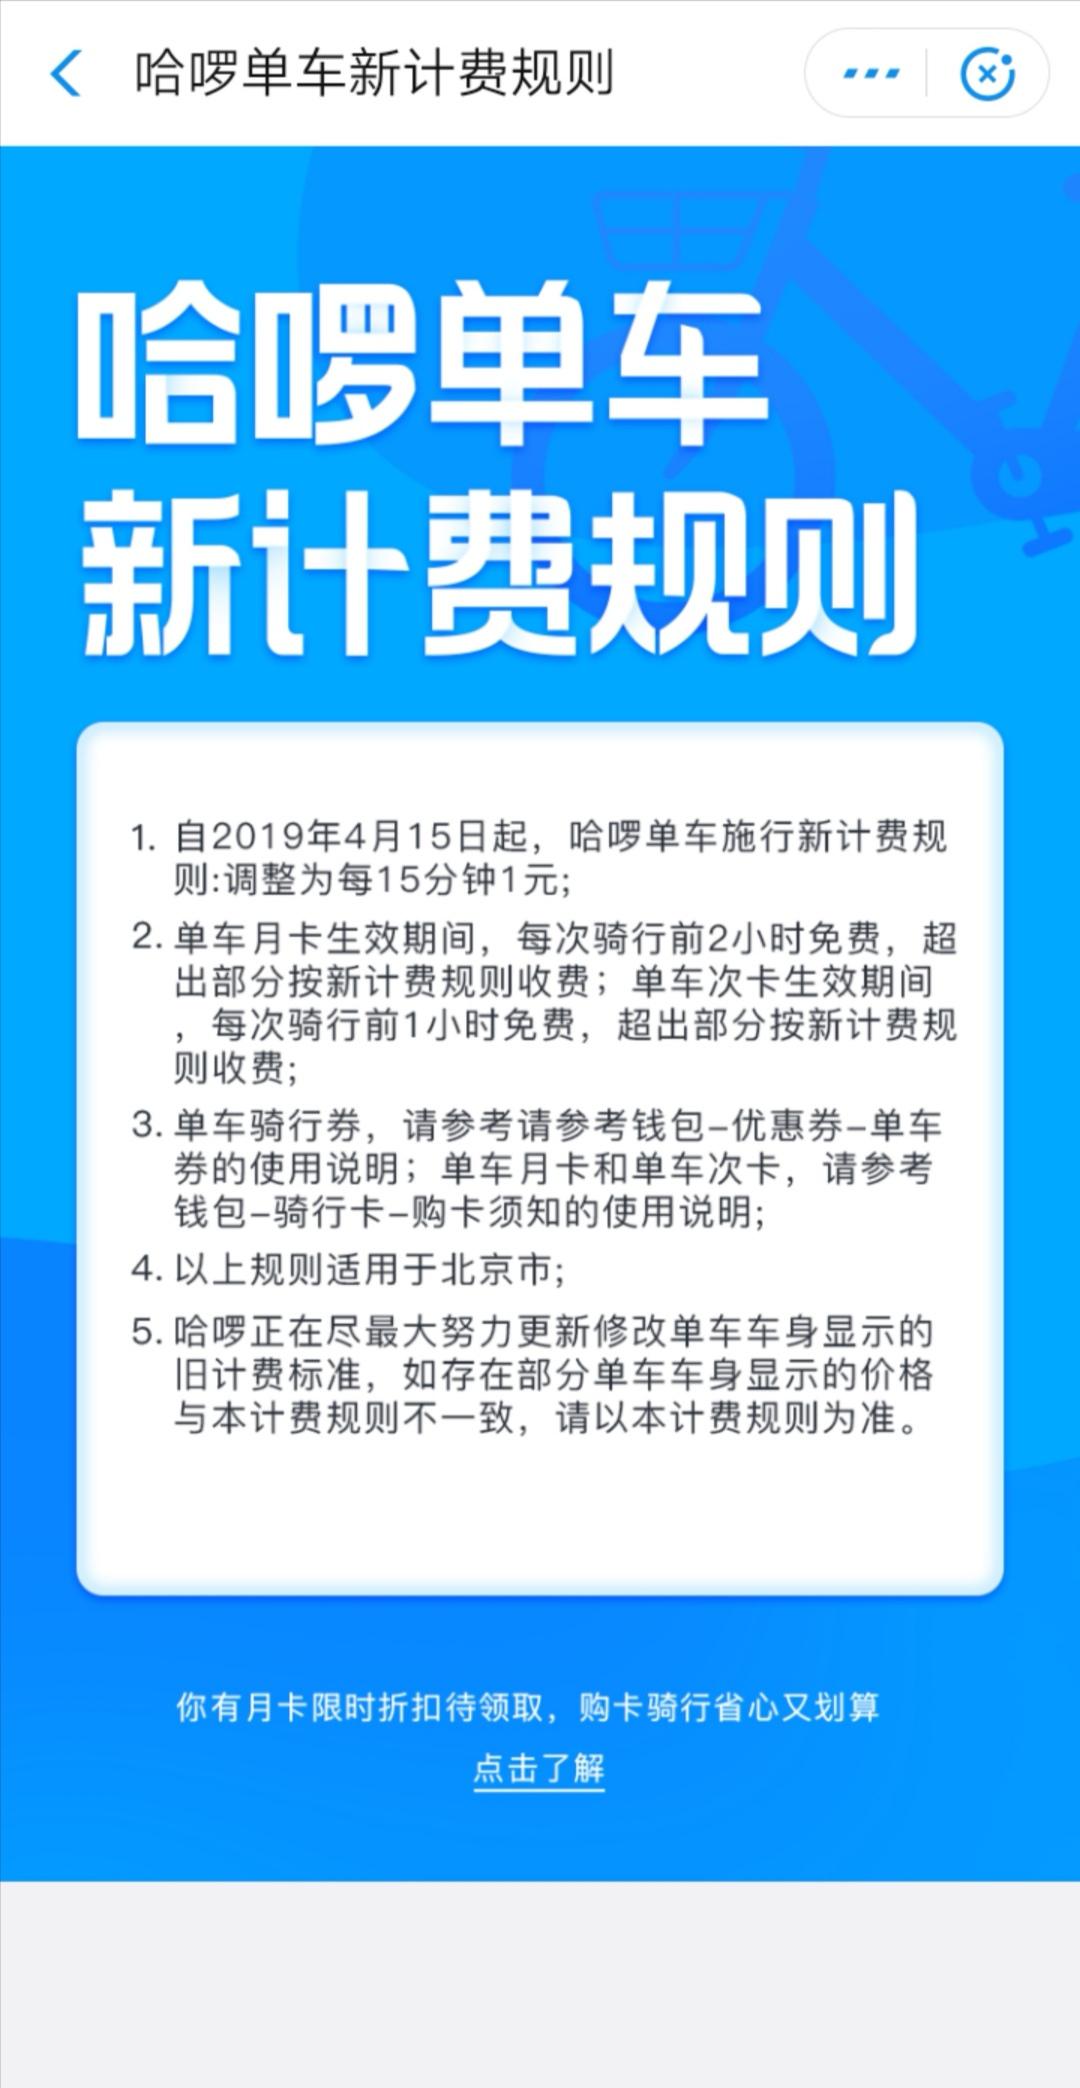 """哈啰加入涨价阵营 每小时4元或成""""最贵""""共享单车"""